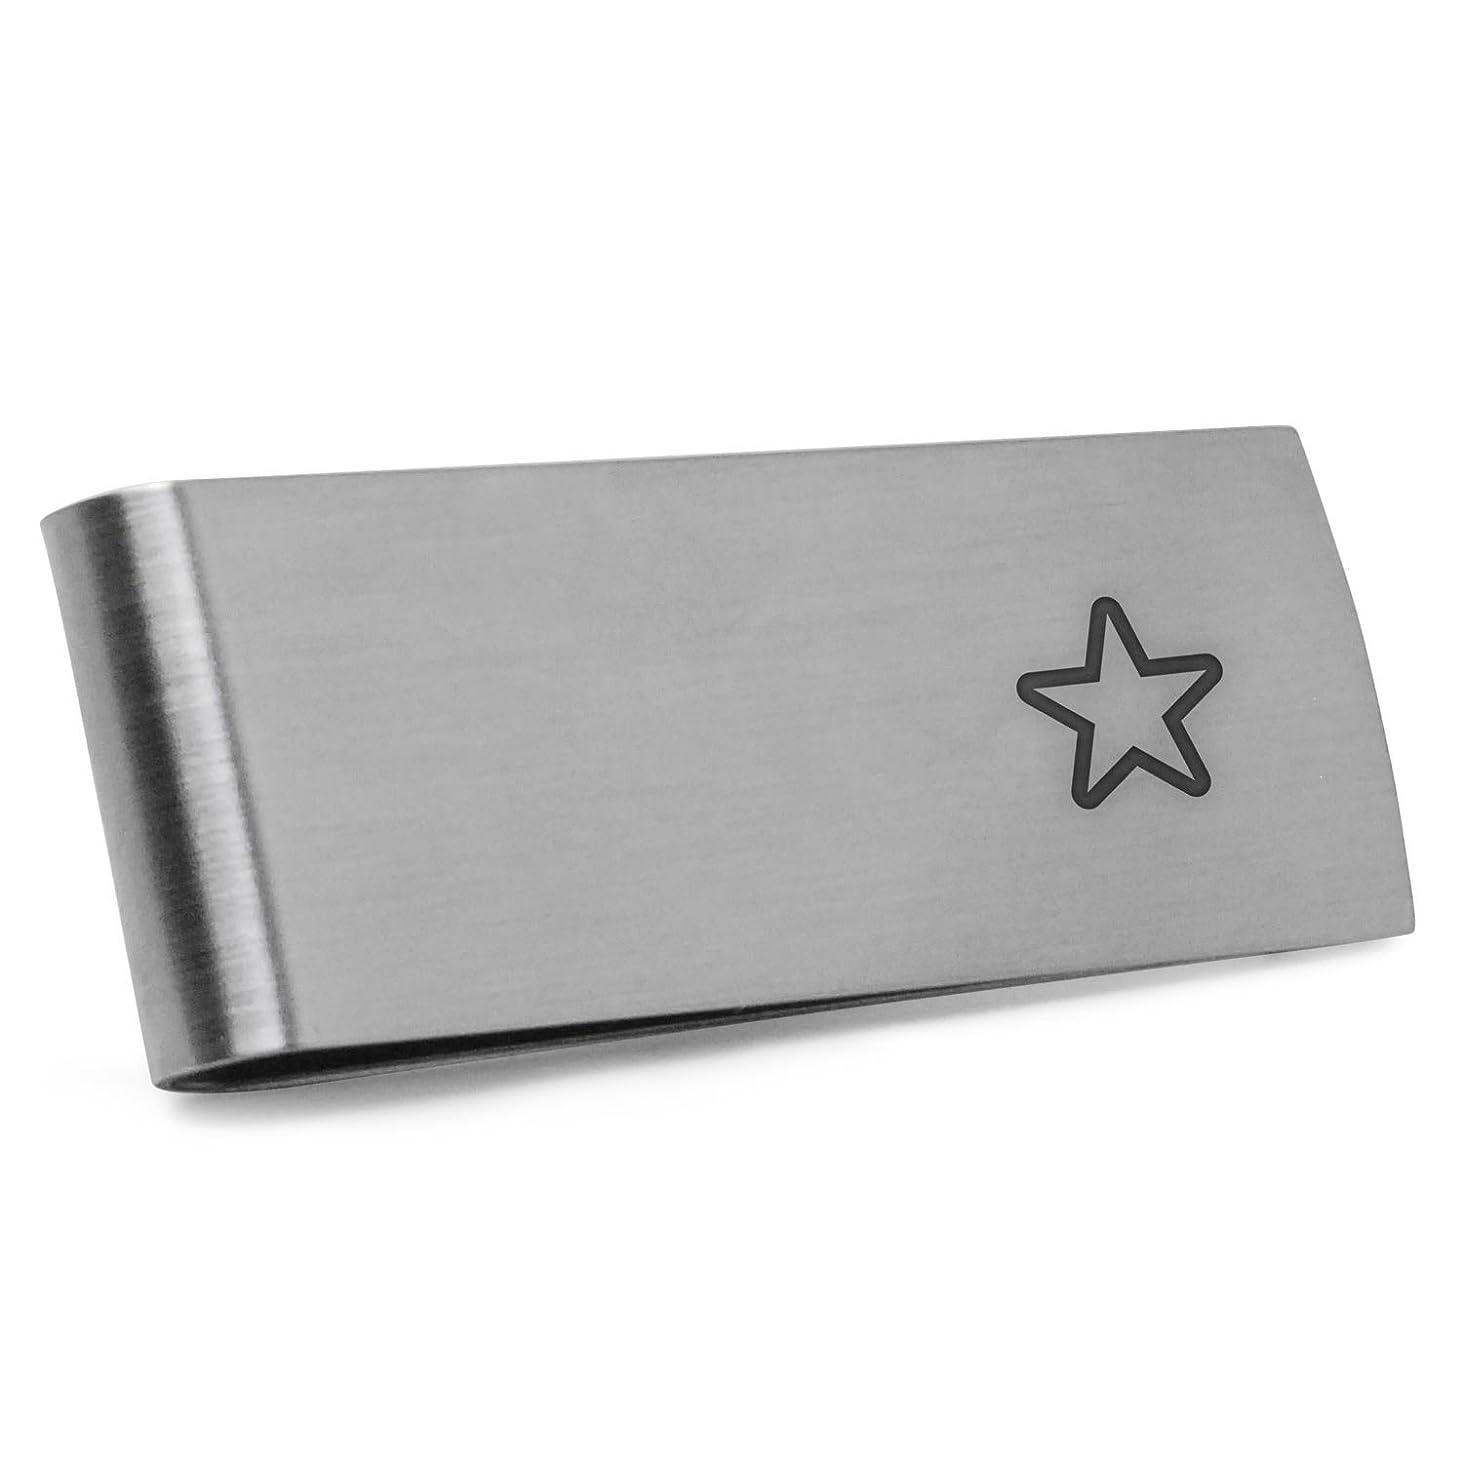 光沢より平らな図STARお金クリップ ステンレススチールマネークリップレーザー刻印in the USA。